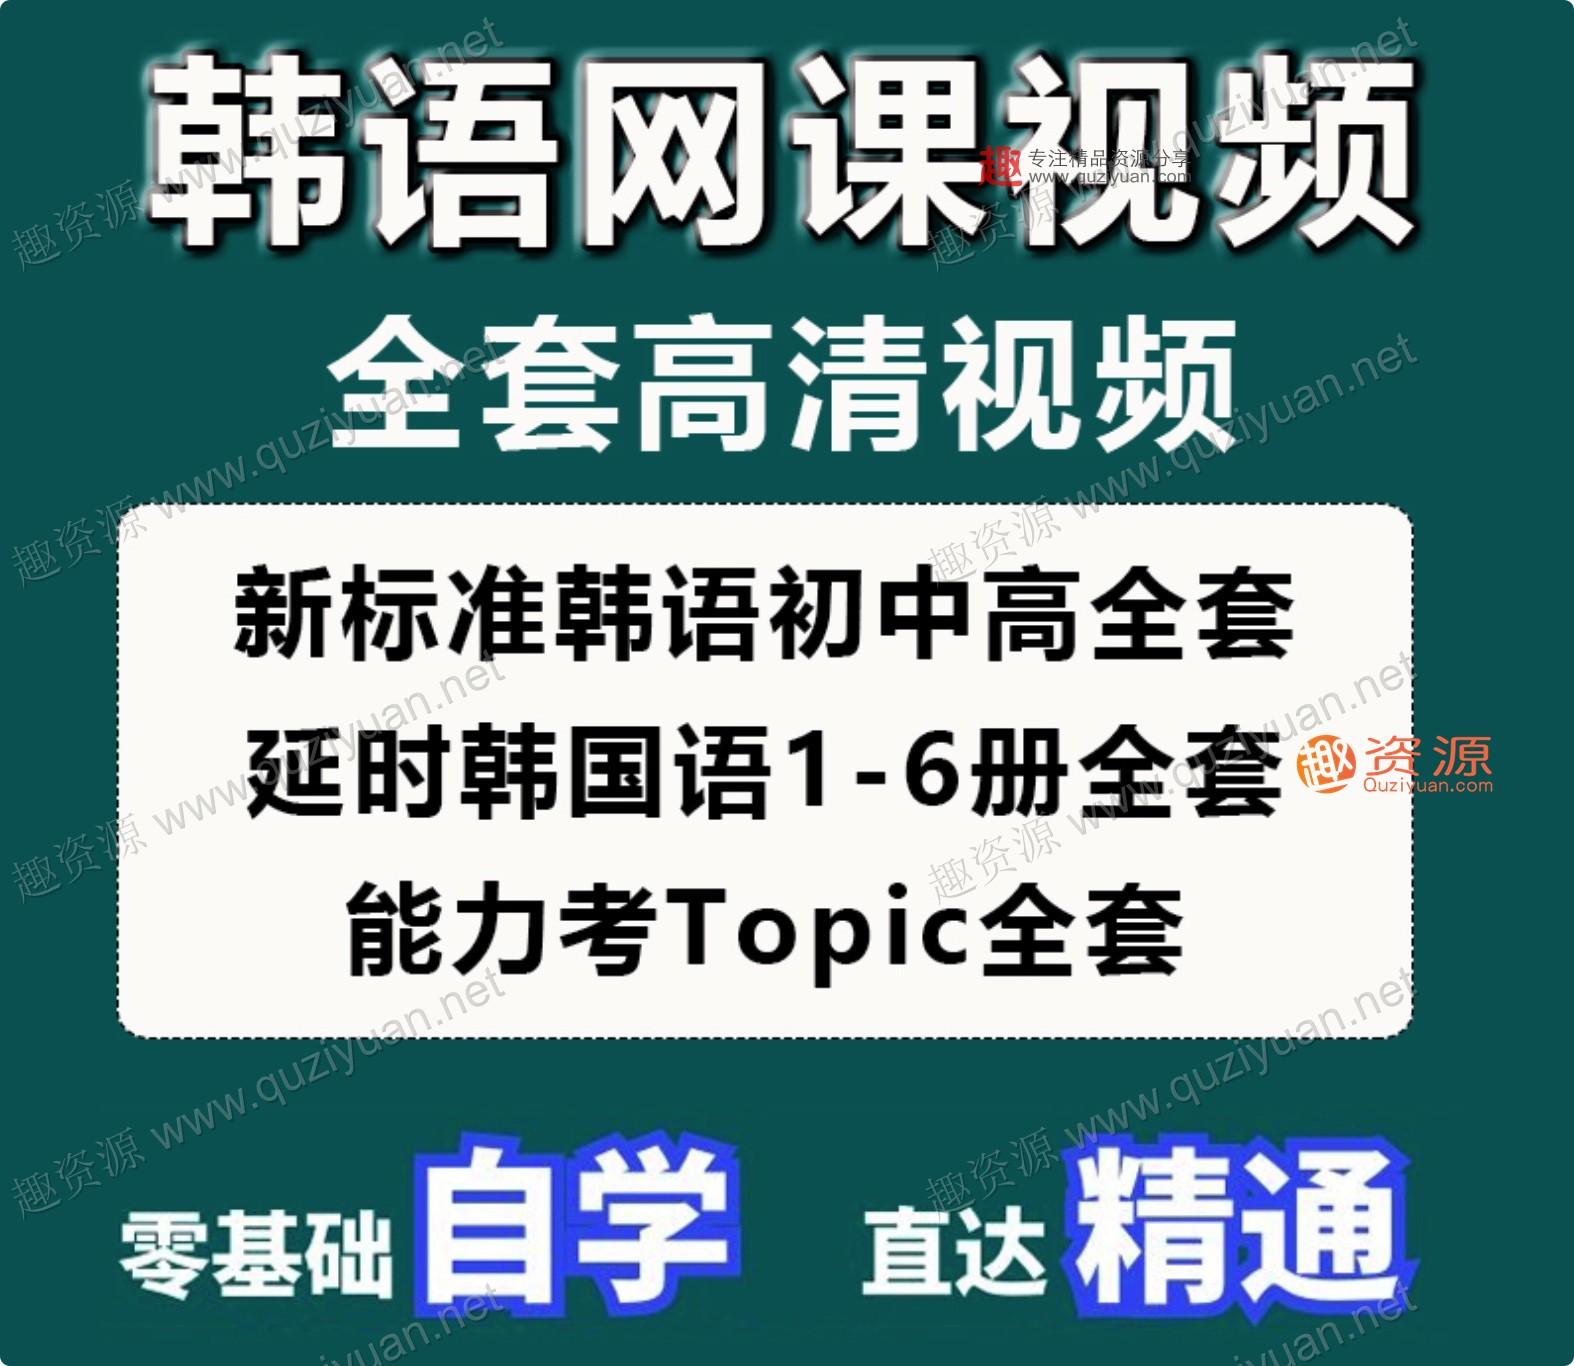 韩语网课零基础自学入门延世韩国语视频教程TOPIK考级课程资料新(100GB)